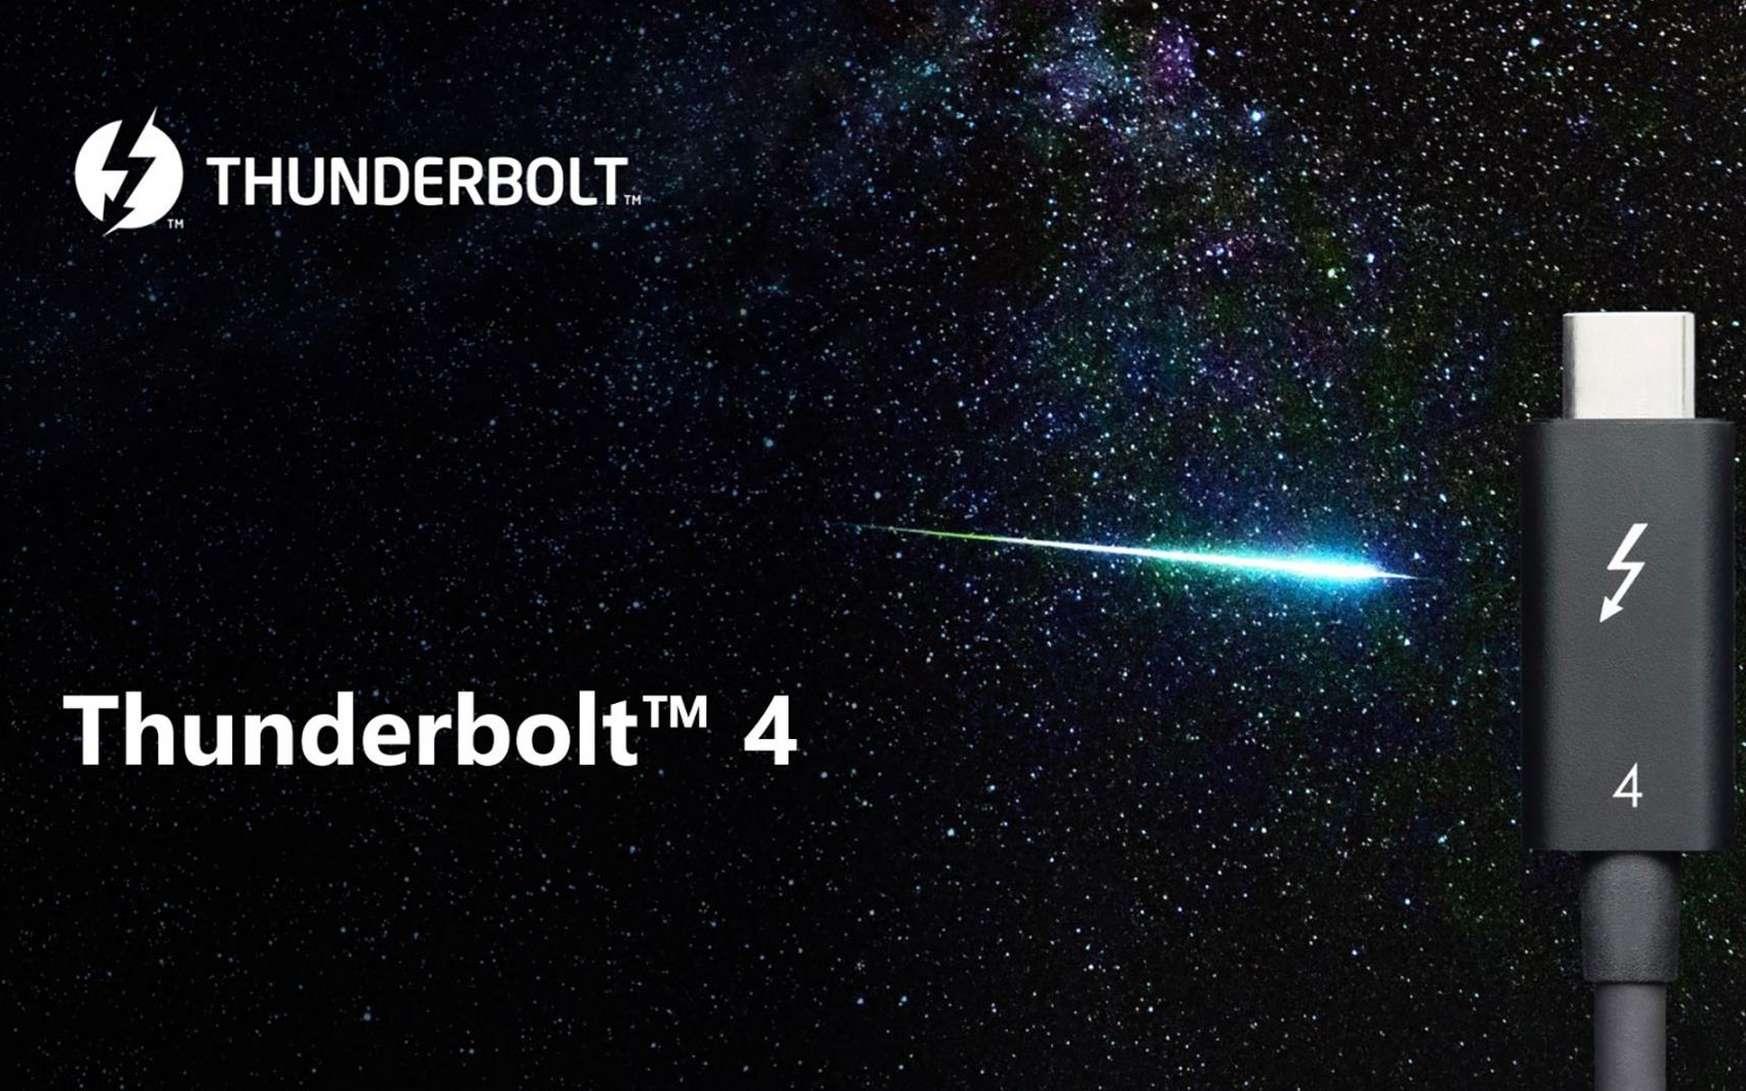 Un connecteur universel pour PC et Mac, capable d'accueillir tous types de branchements. © Thunderbolt